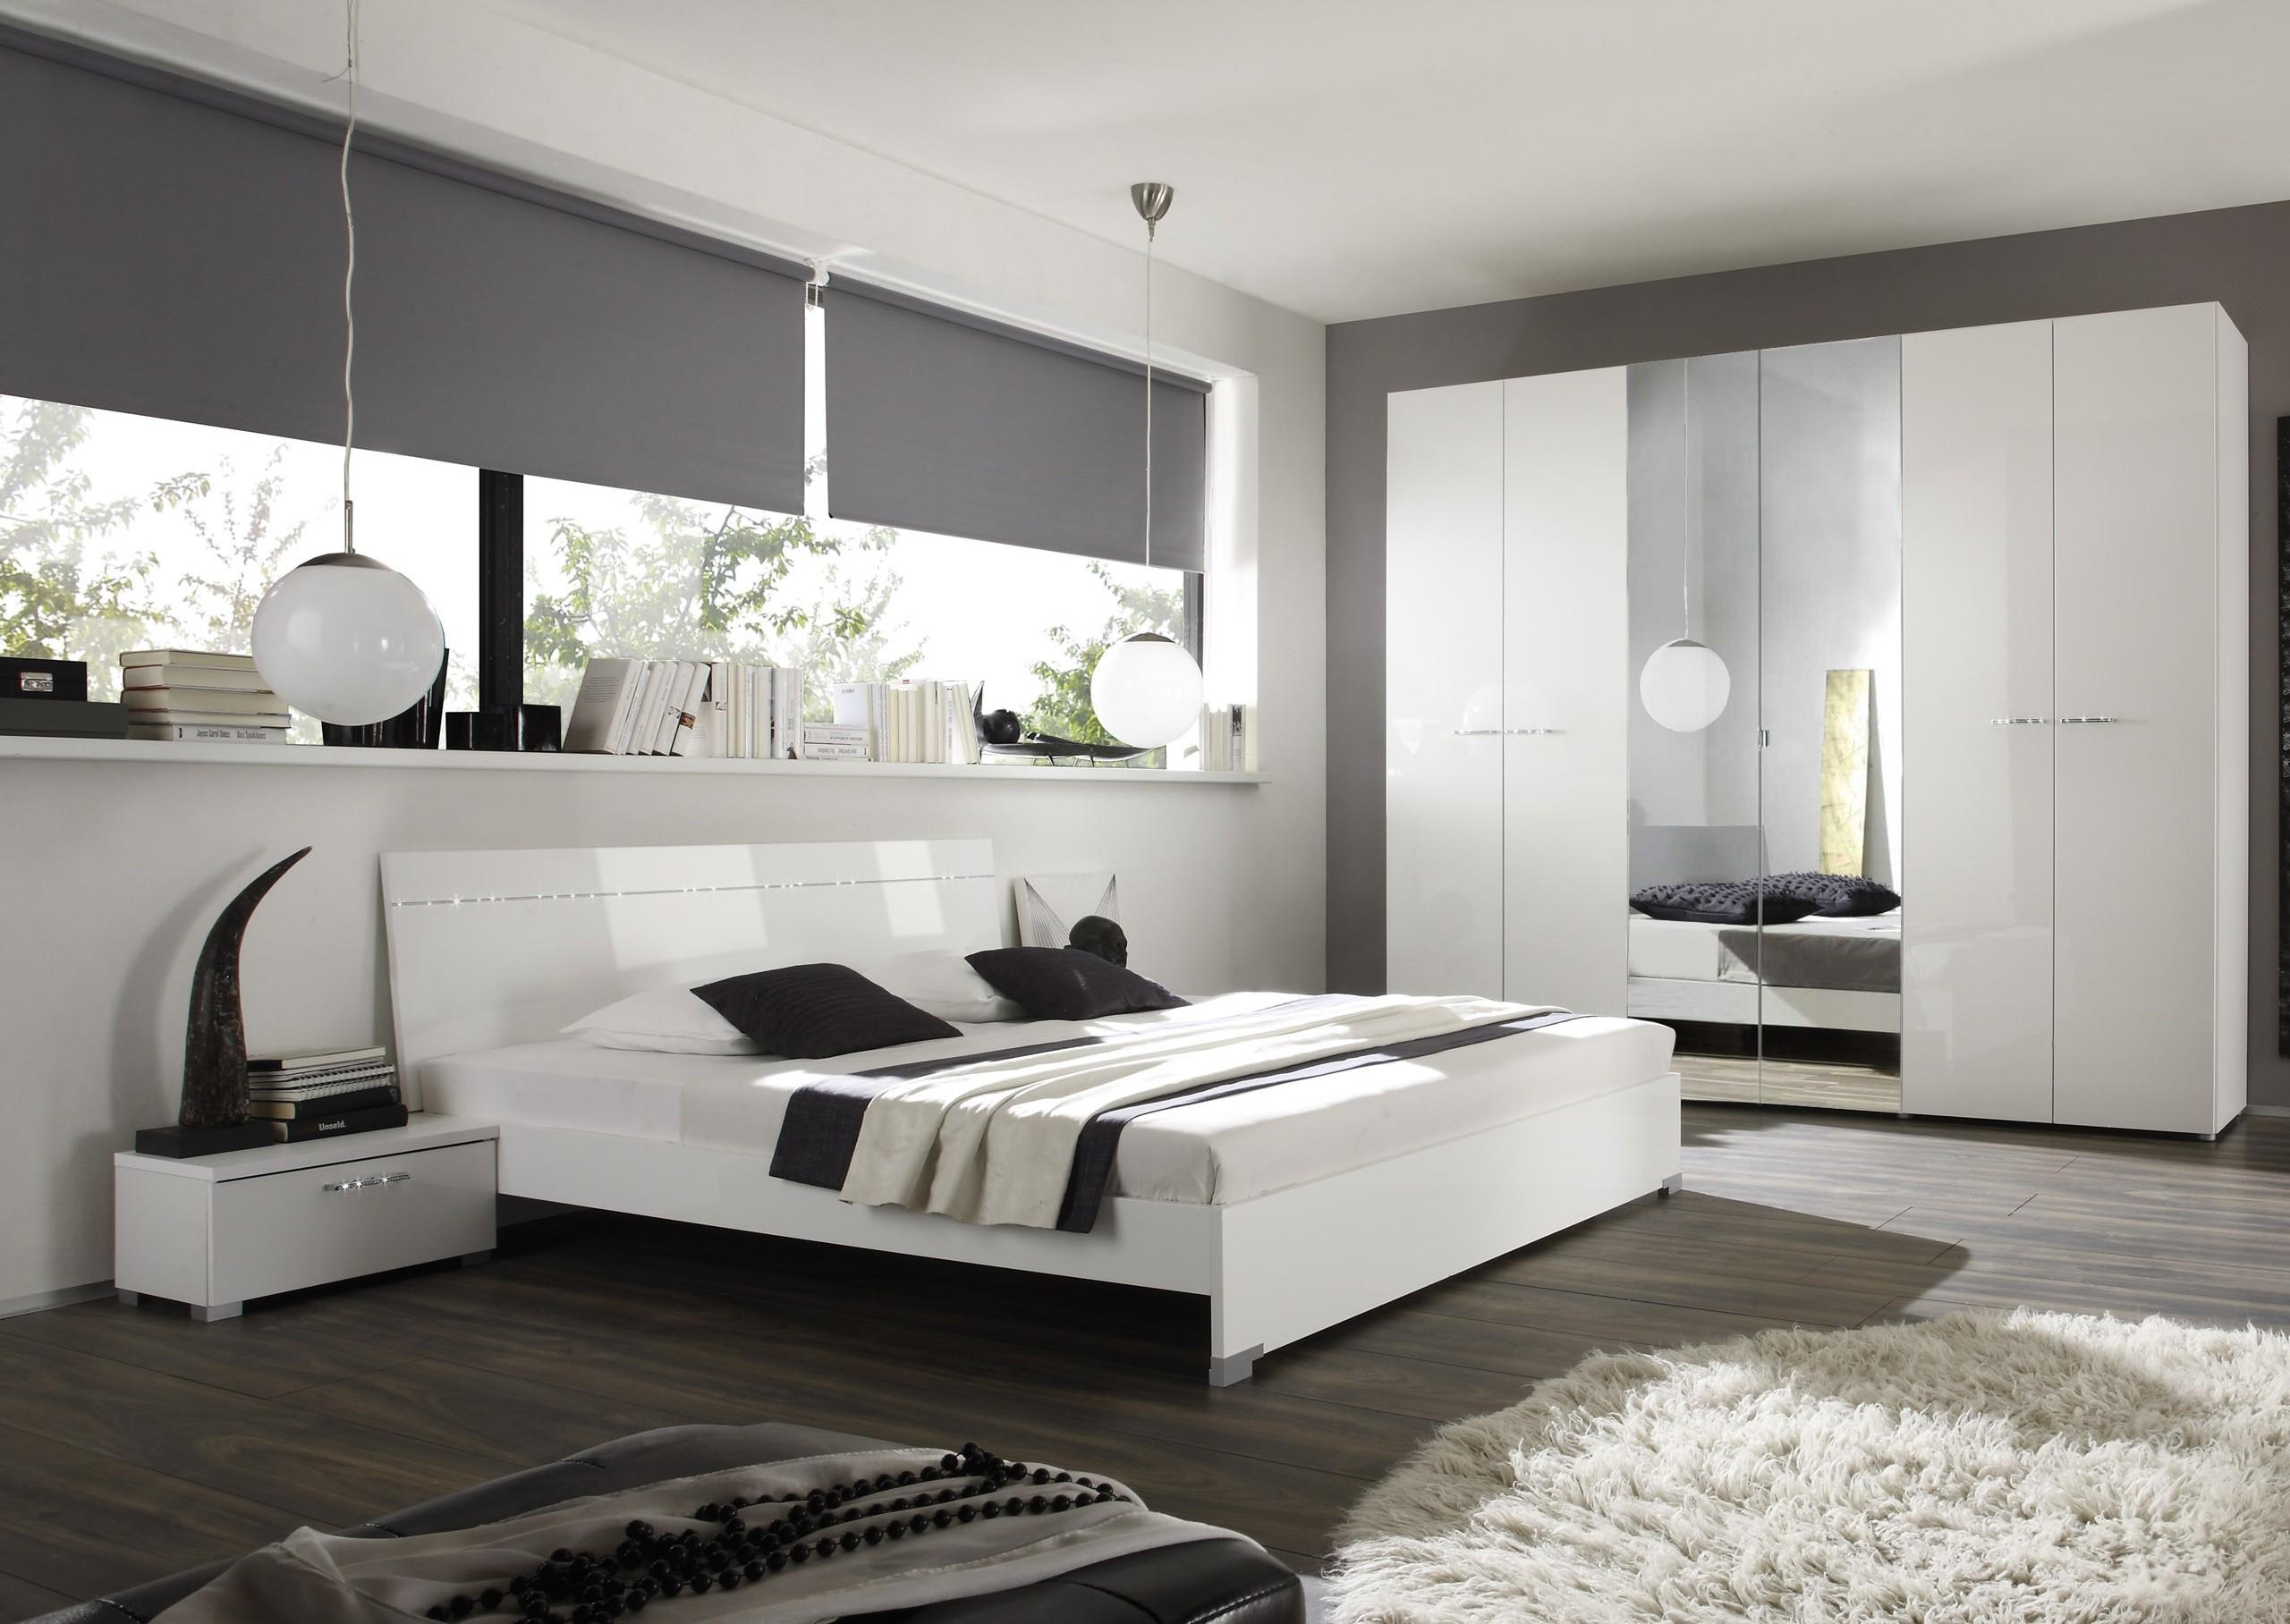 Grau Weiß Schlafzimmer Modern Perfekt On Und Beige Deco Weis Hochste Mit 5